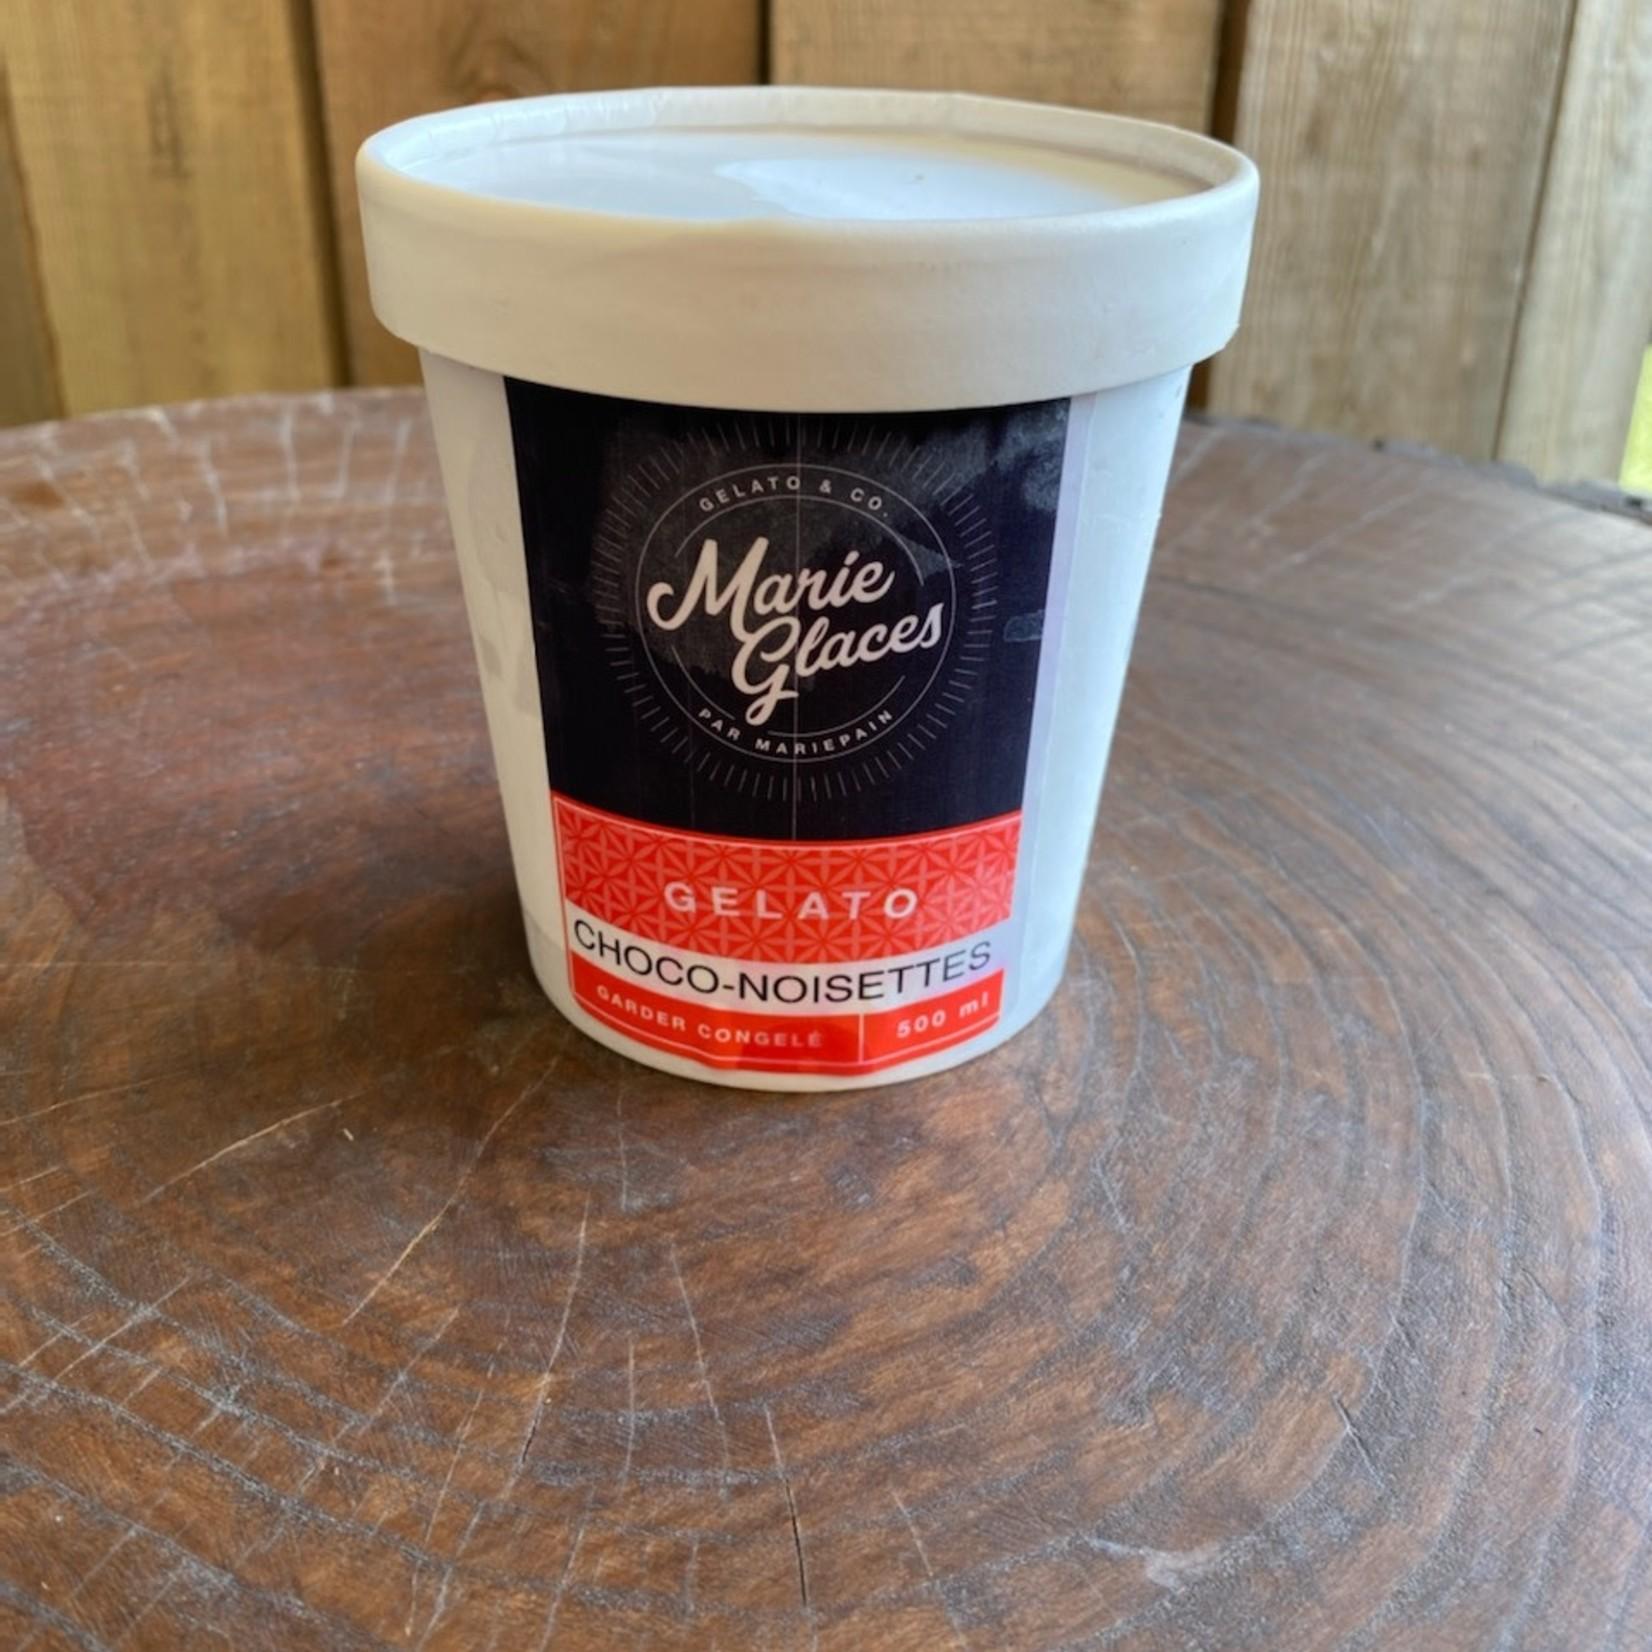 Gelato - Choco-noisettes (500ml)